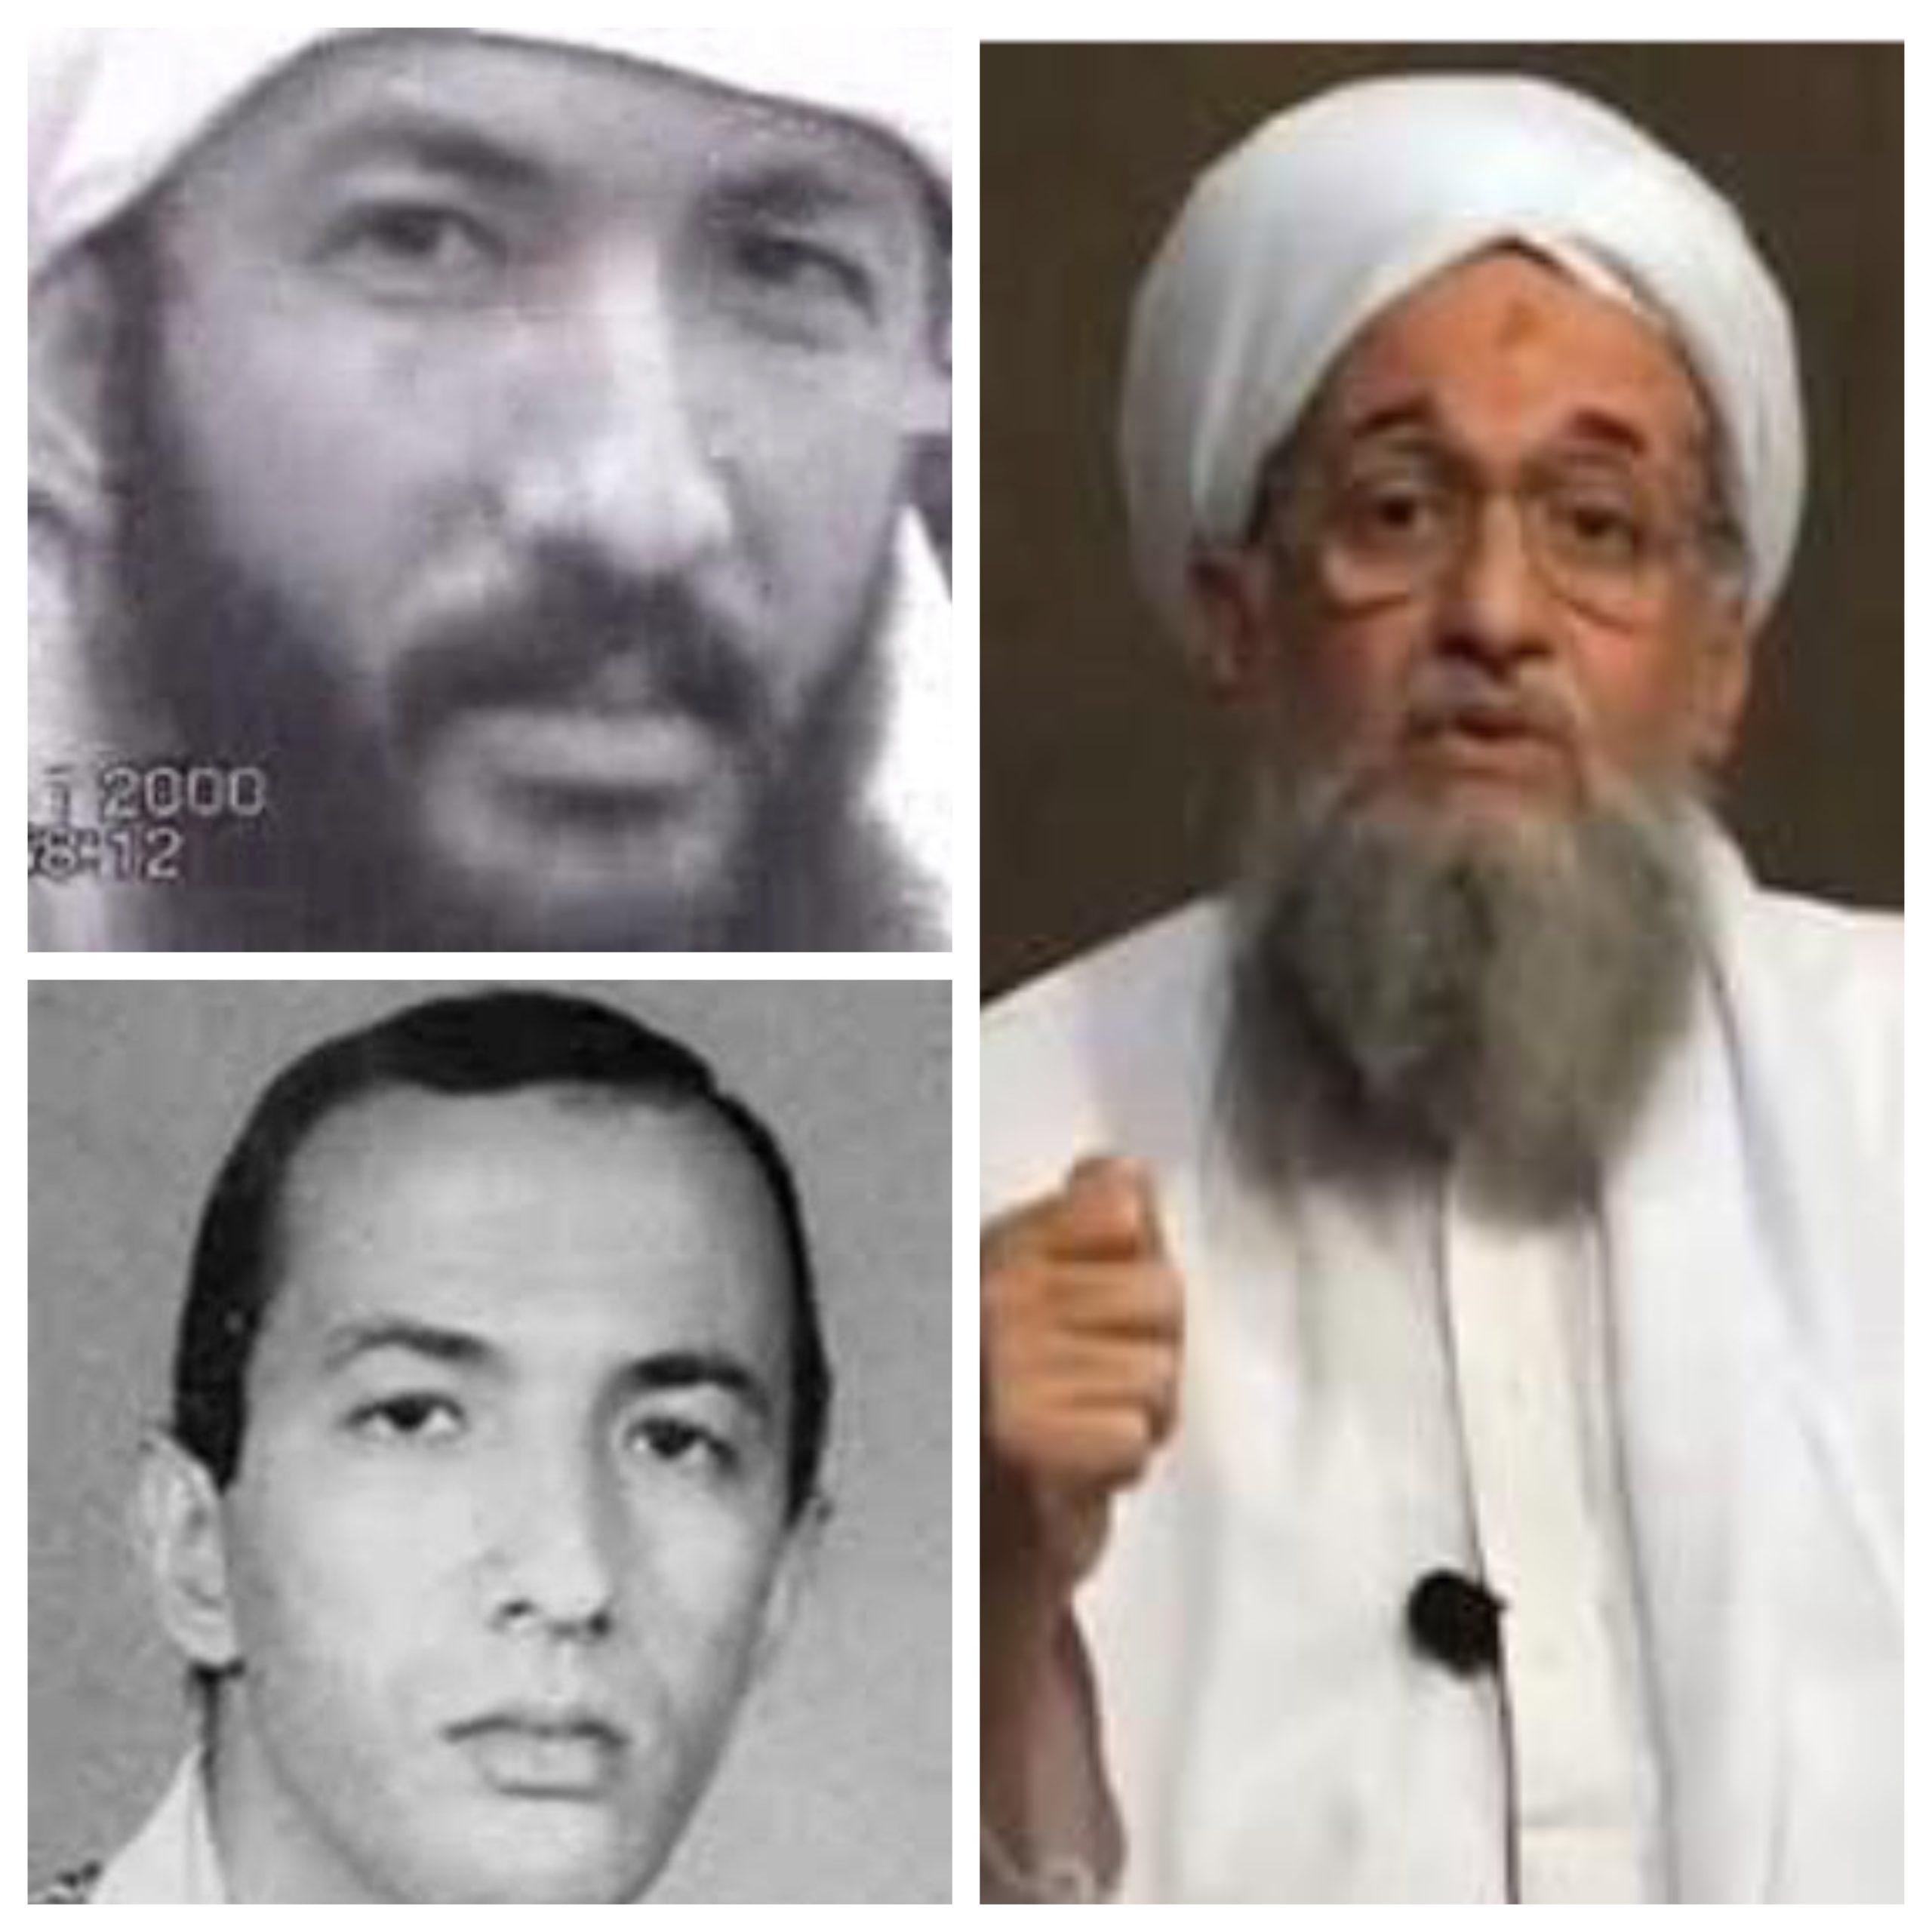 سیف العدل ، رهبر جدید القاعده که یک «استراتژیست بیرحم و باهوش» است جایگزین ایمن الظواهری خواهد شد که گمان می رود مرده باشد.